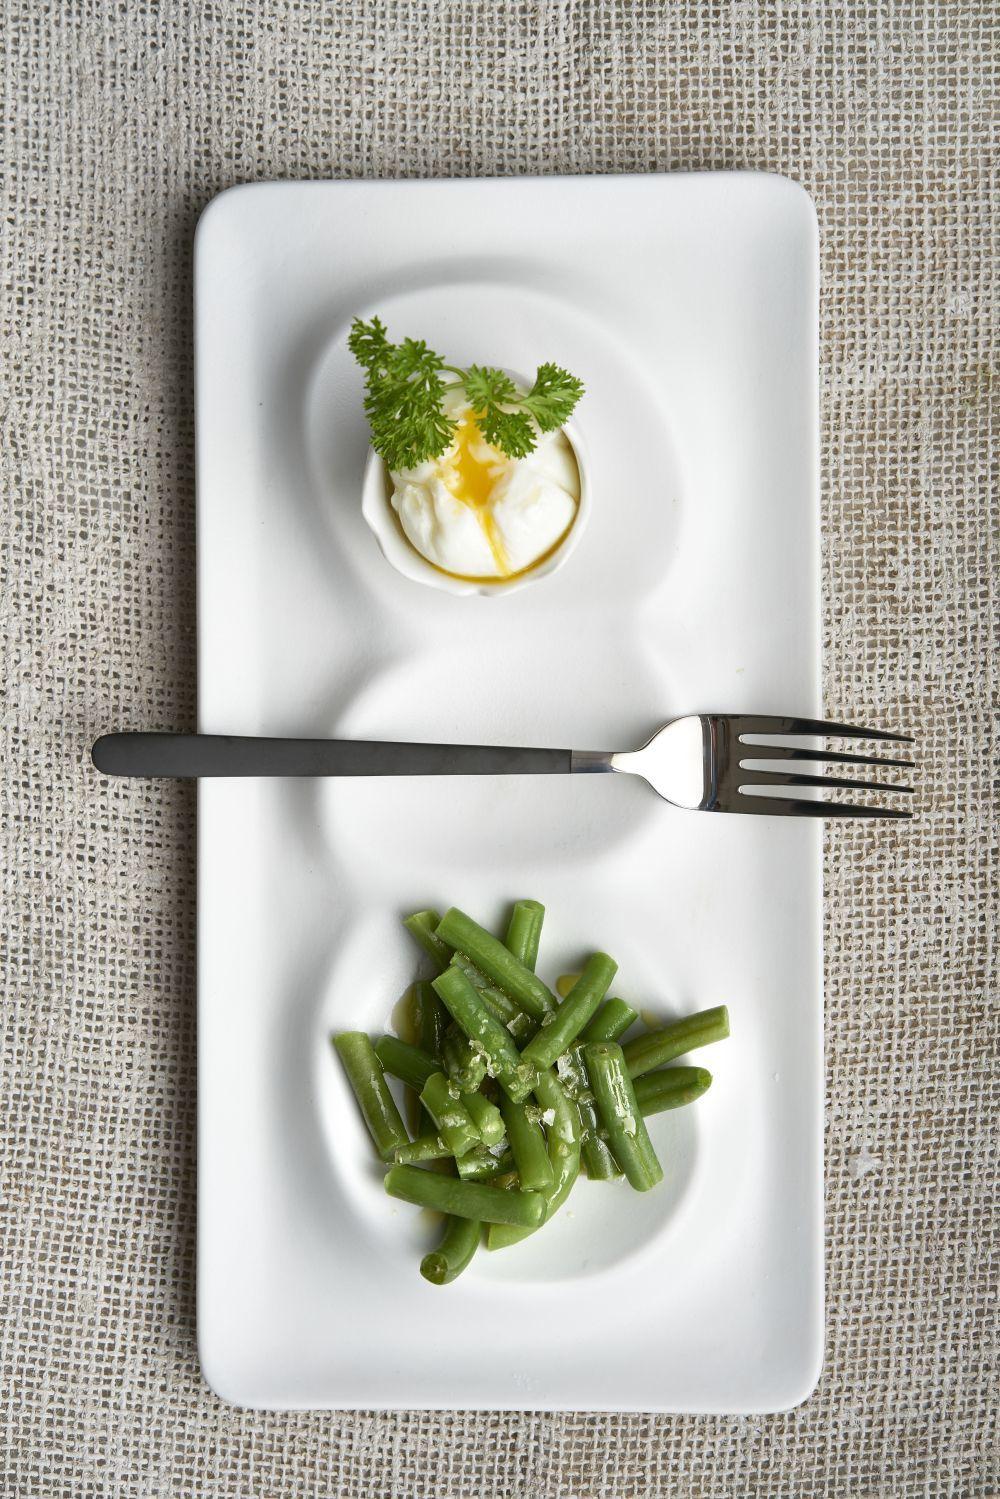 Los huevos y las verduras al vapor se convierten en una estupenda...